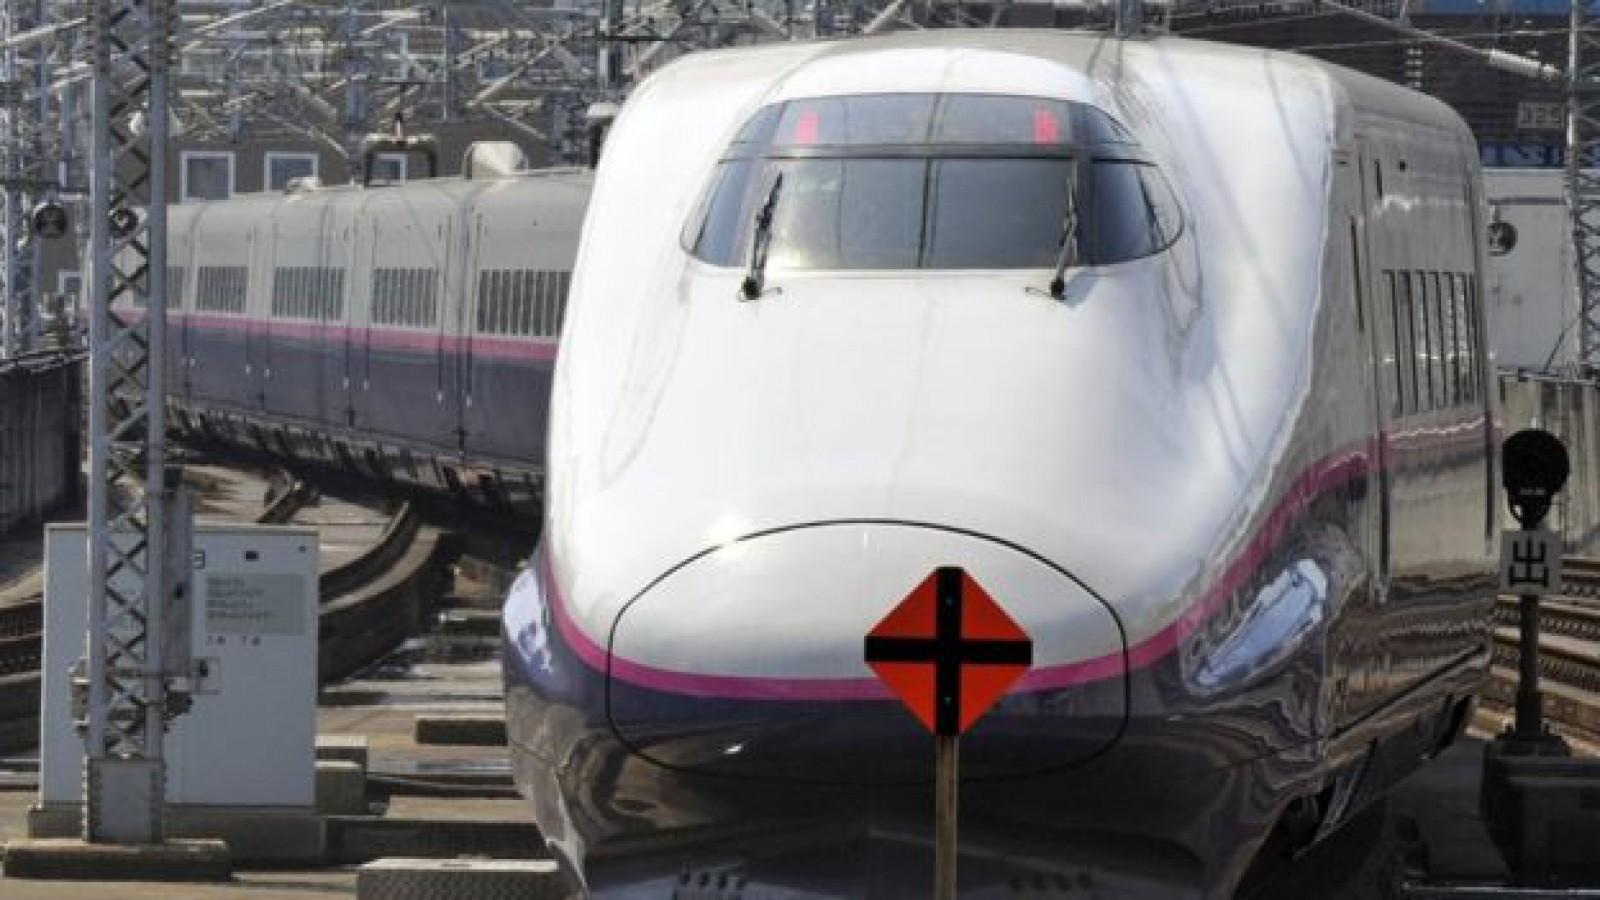 Japonia: O companie feroviară și-a cerut scuze după ce un tren a plecat din stație cu 25 secunde mai devreme